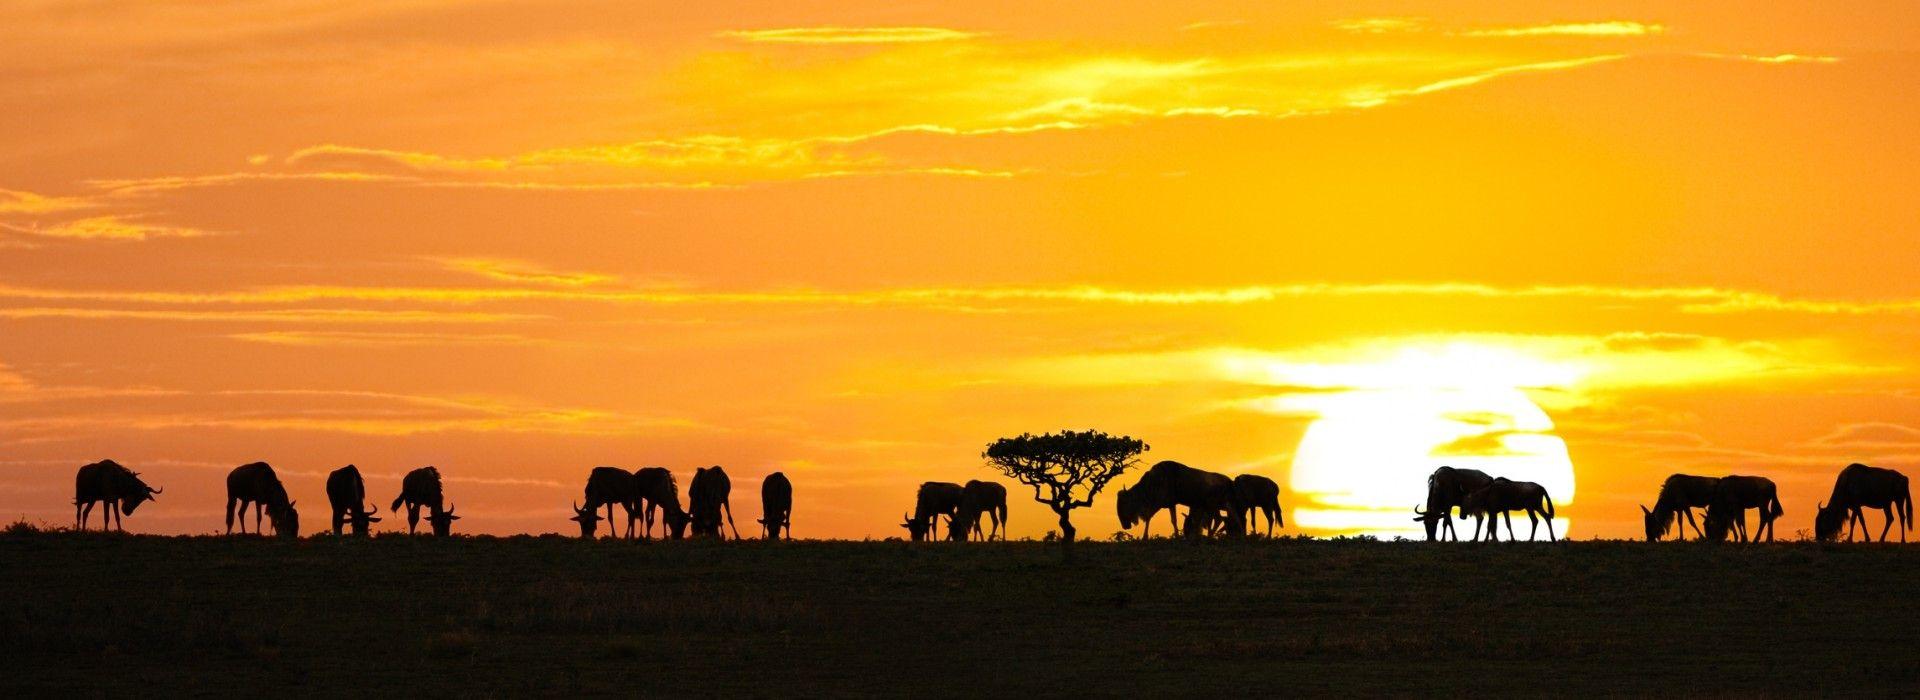 Natural landmarks sightseeing Tours in Ngorongoro Crater